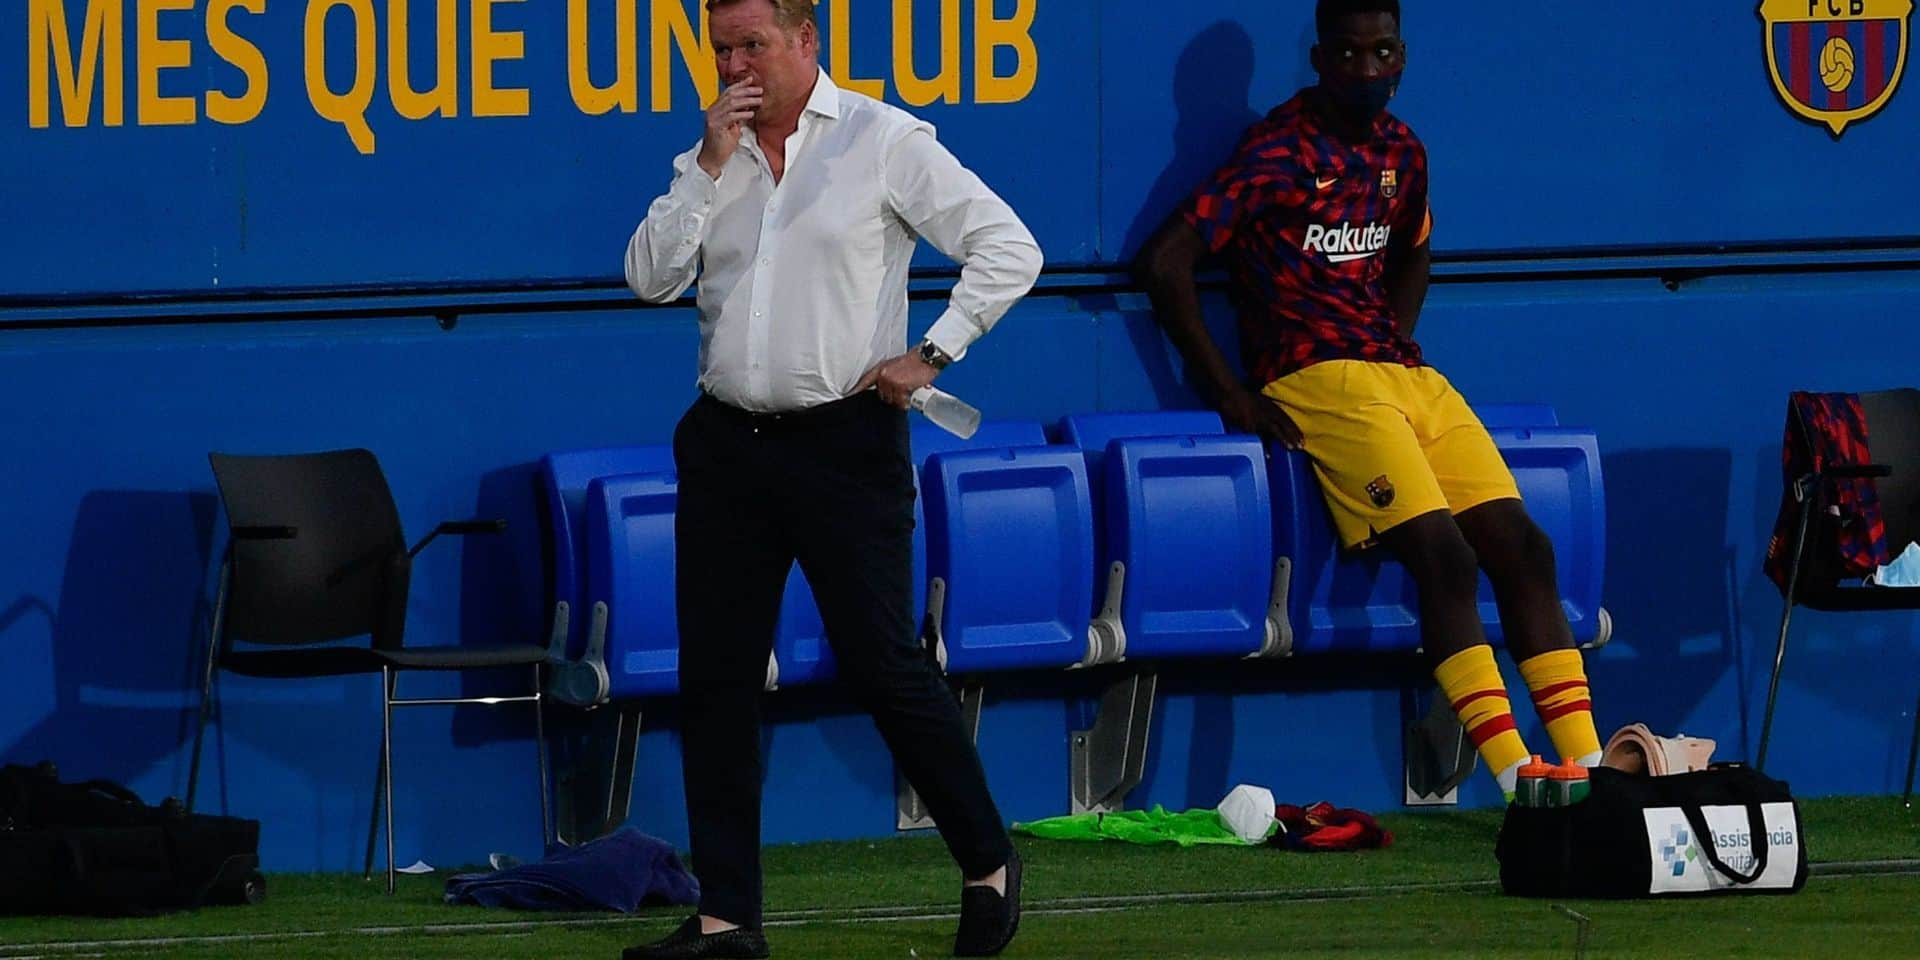 Ronald Koeman doit attendre l'autorisation de la fédération espagnole pour prendre place sur le banc du Barça